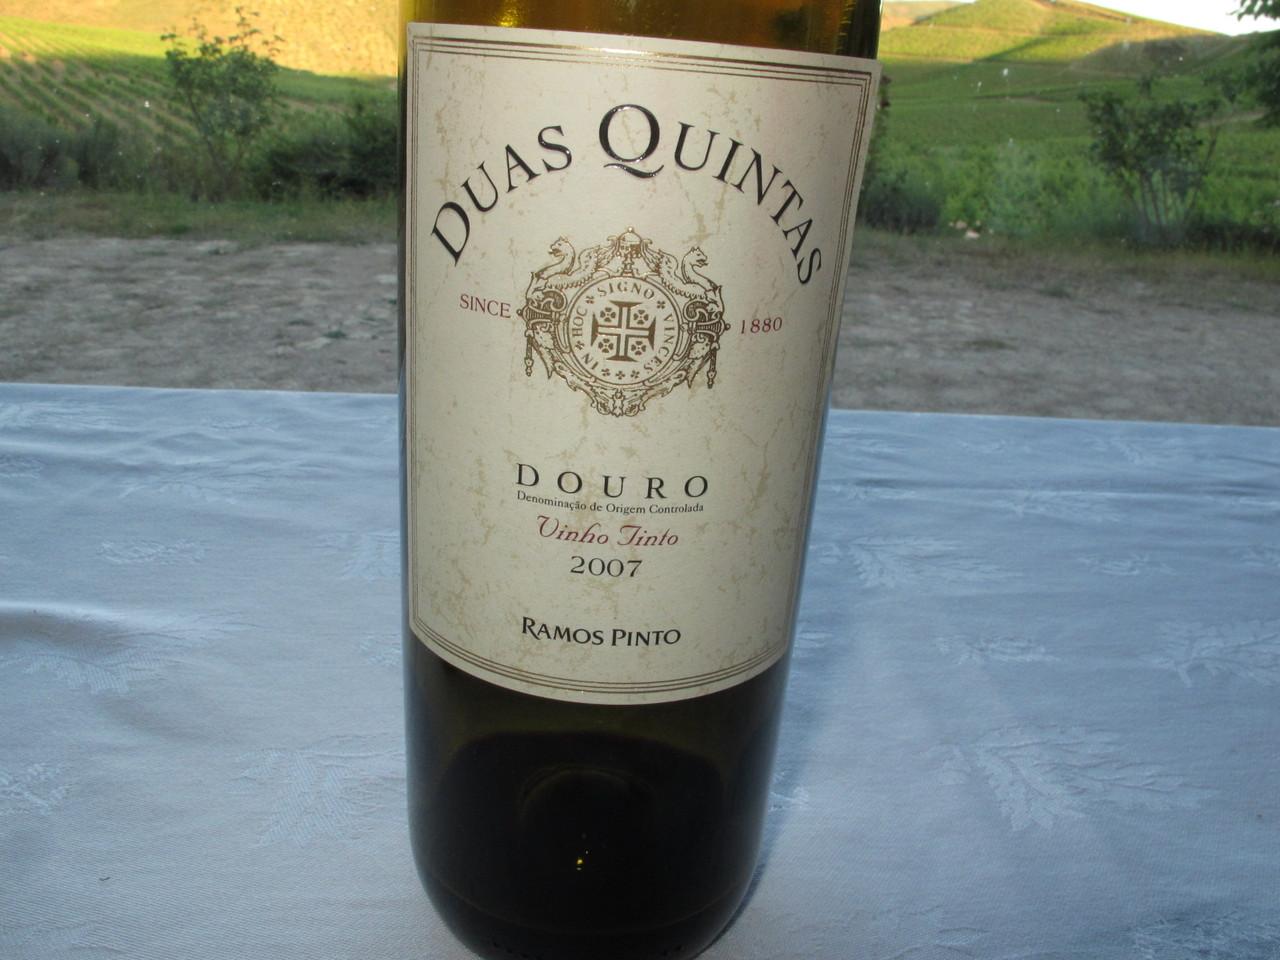 Duas Quintas tinto 2007, talvez o melhor vinho da prova!